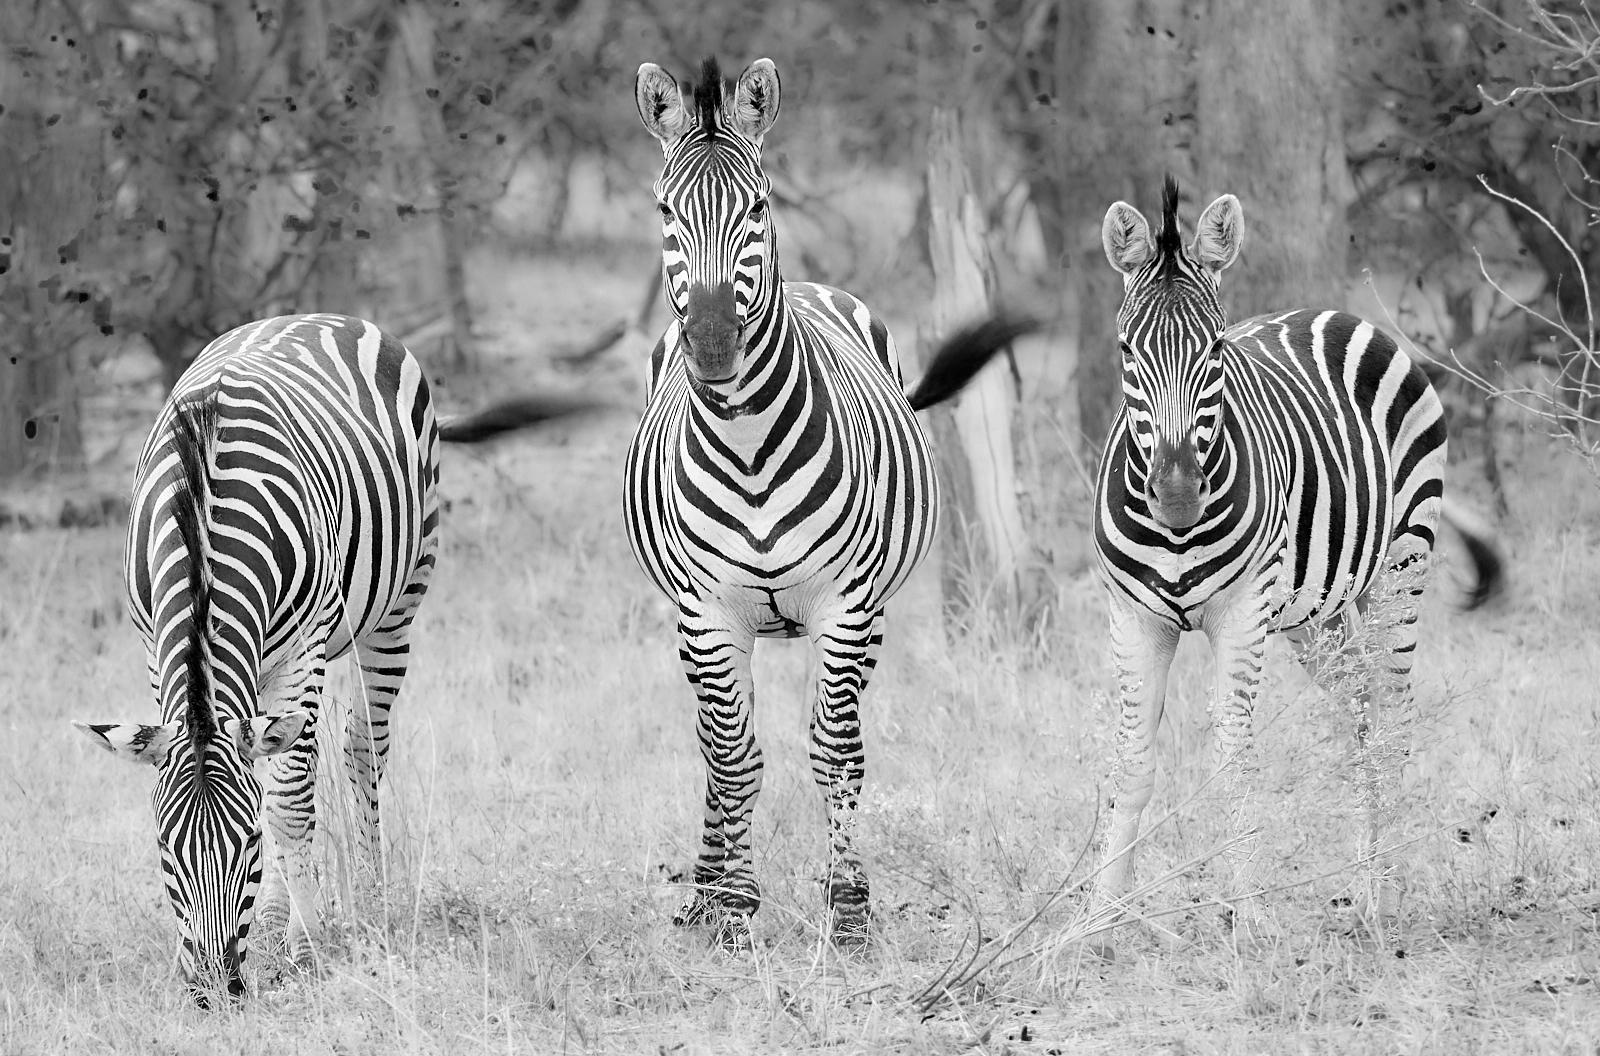 Zebra tails1600x1200 sRGB.jpg